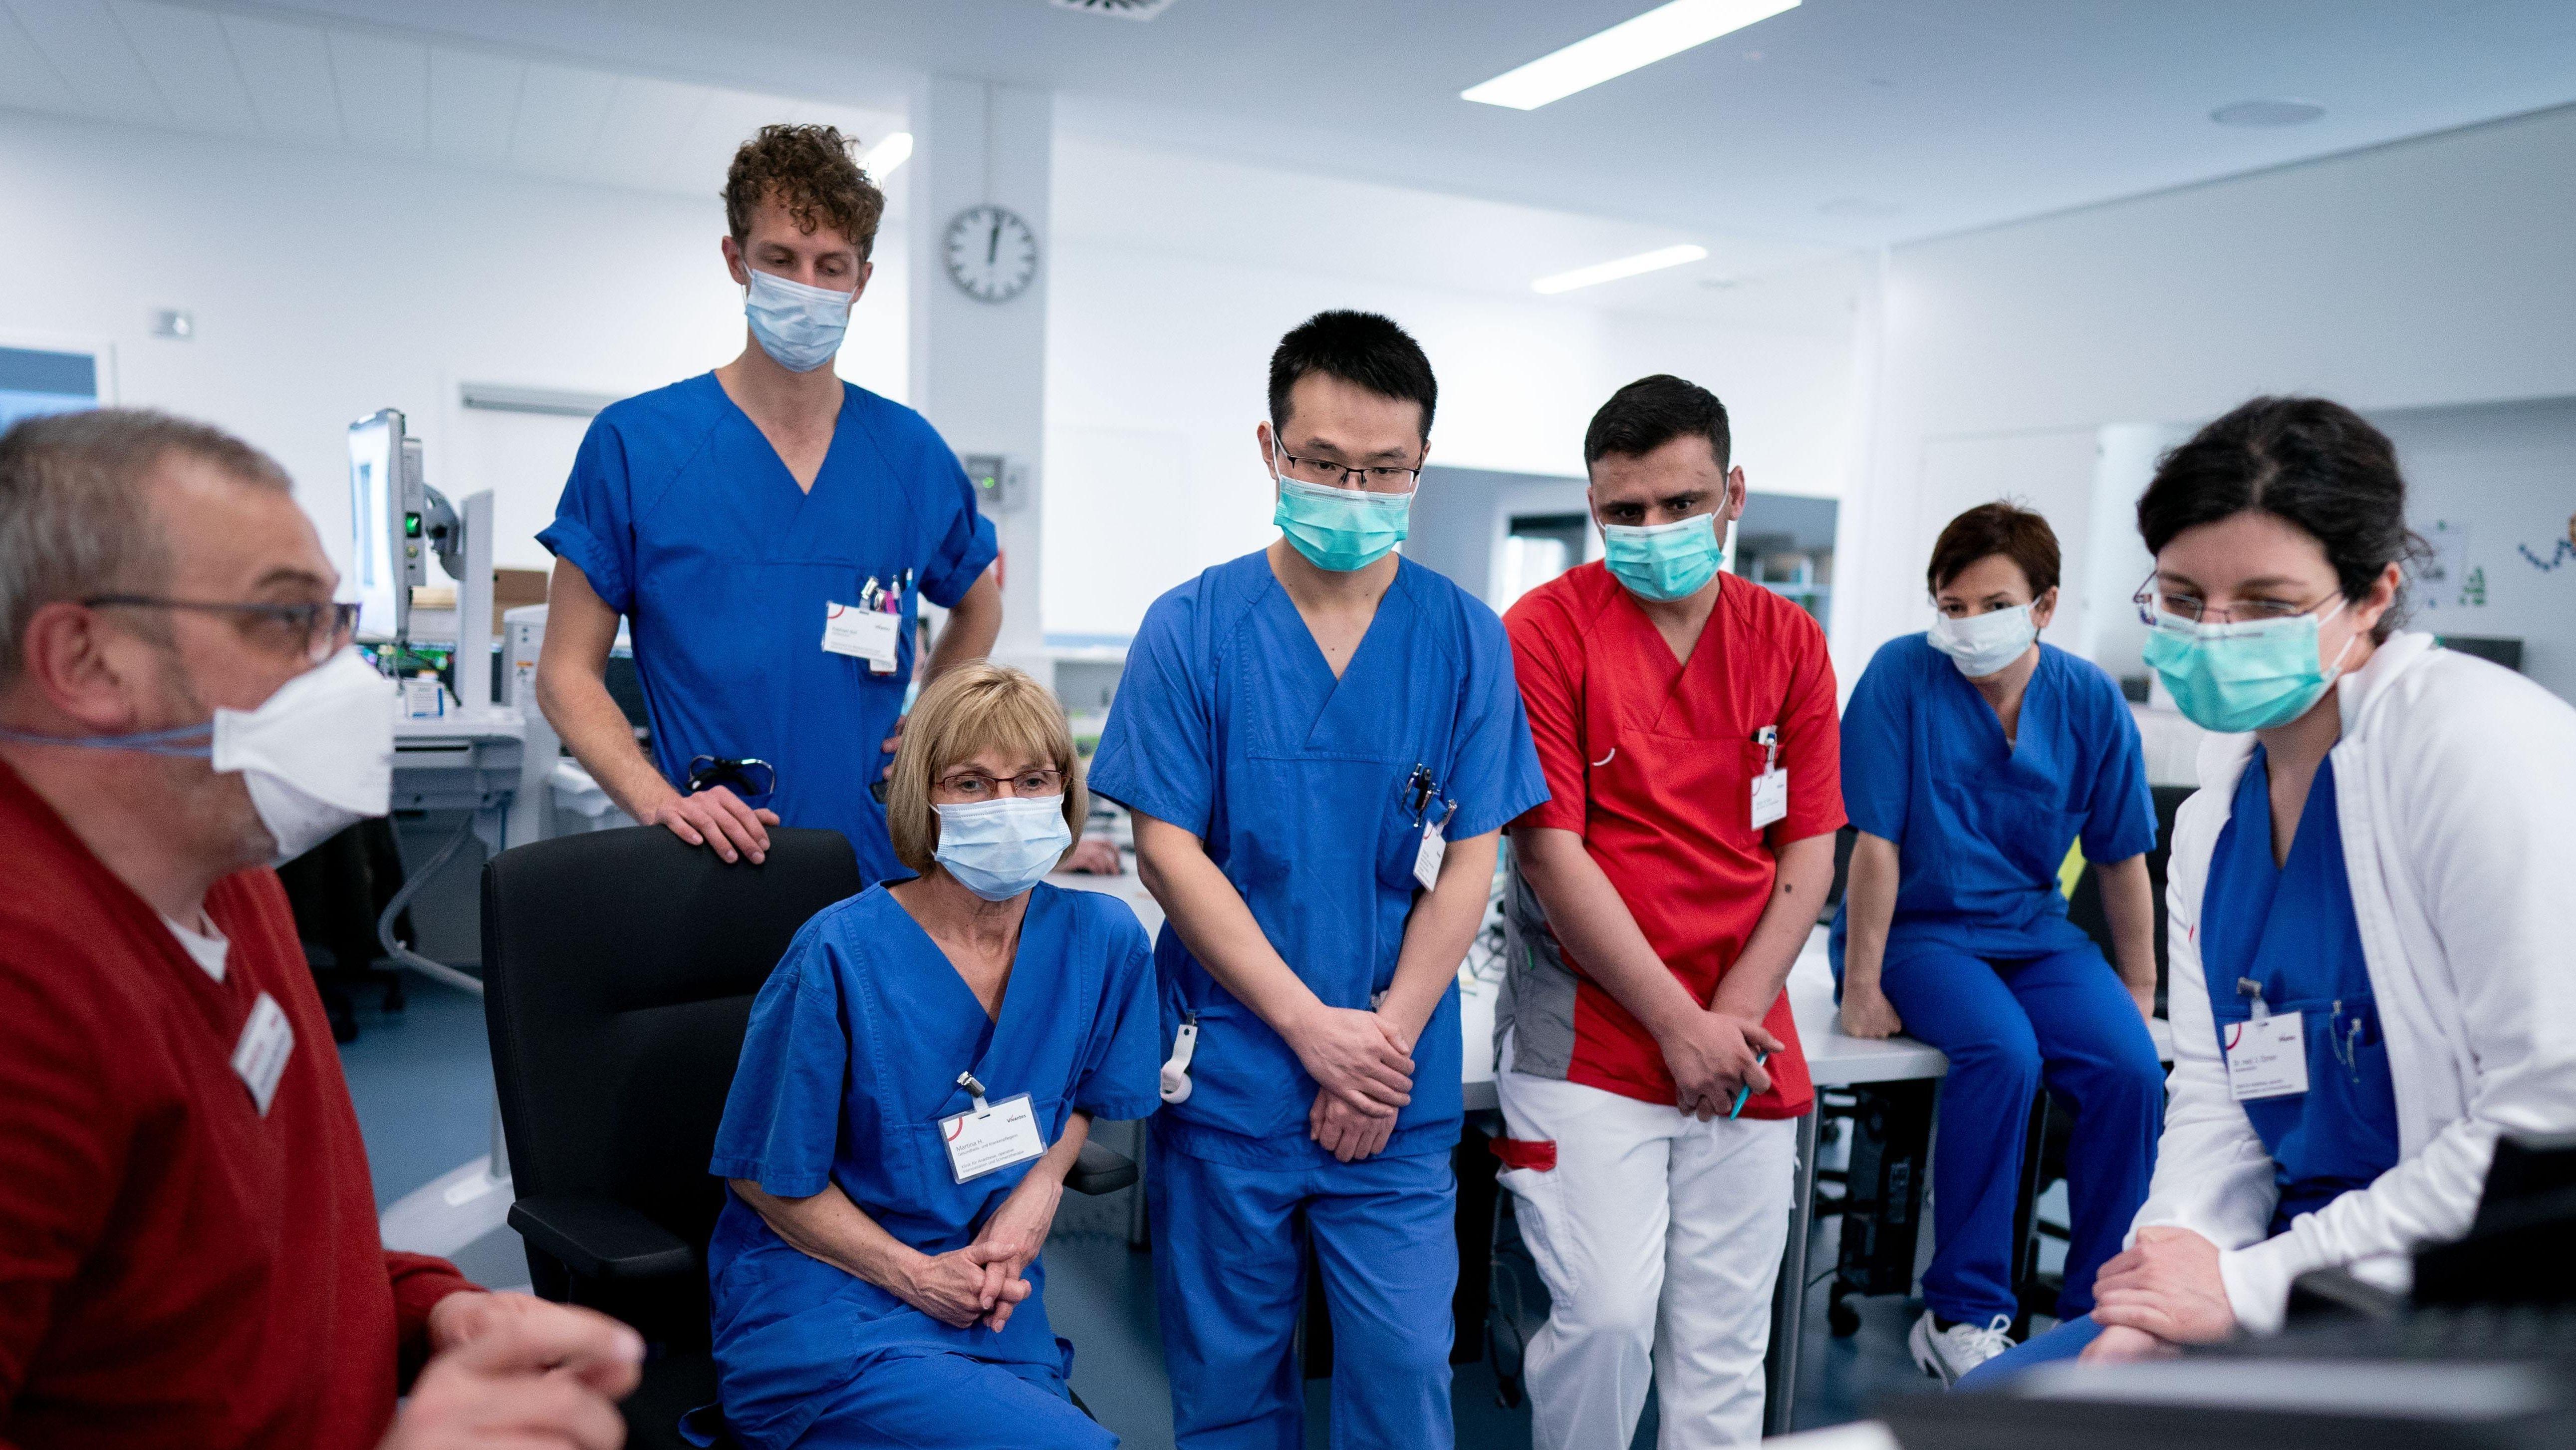 Die Mitarbeiter in Krankenhäusern sind in der Coronakrise extremen Belastungen ausgesetzt.